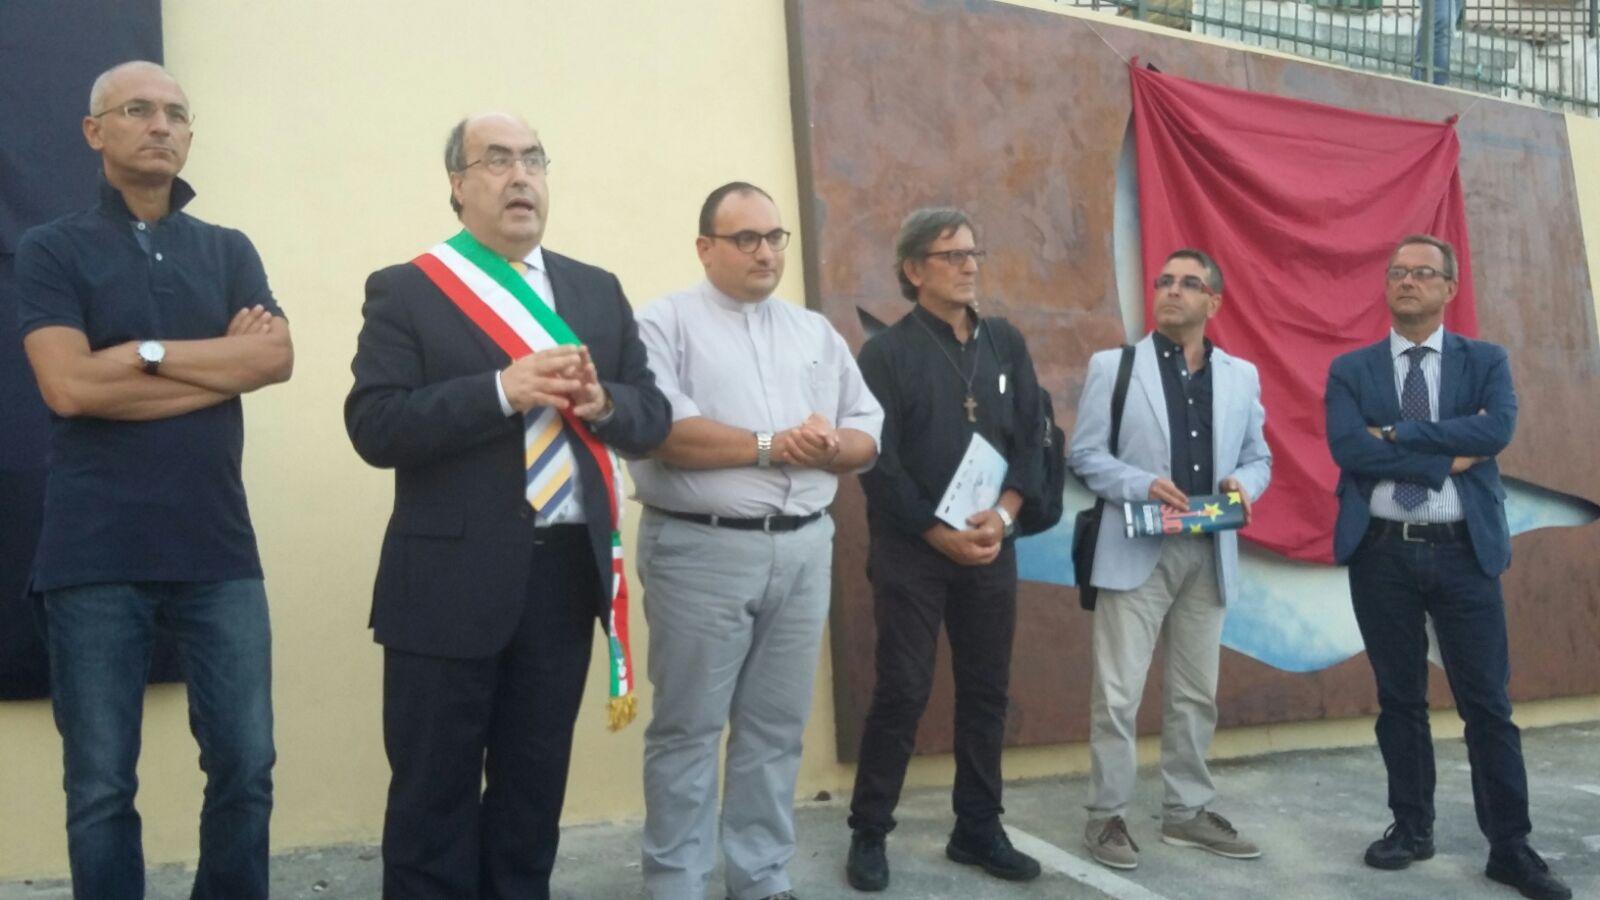 Inaugurazione premio sele d'oro oliveto citra